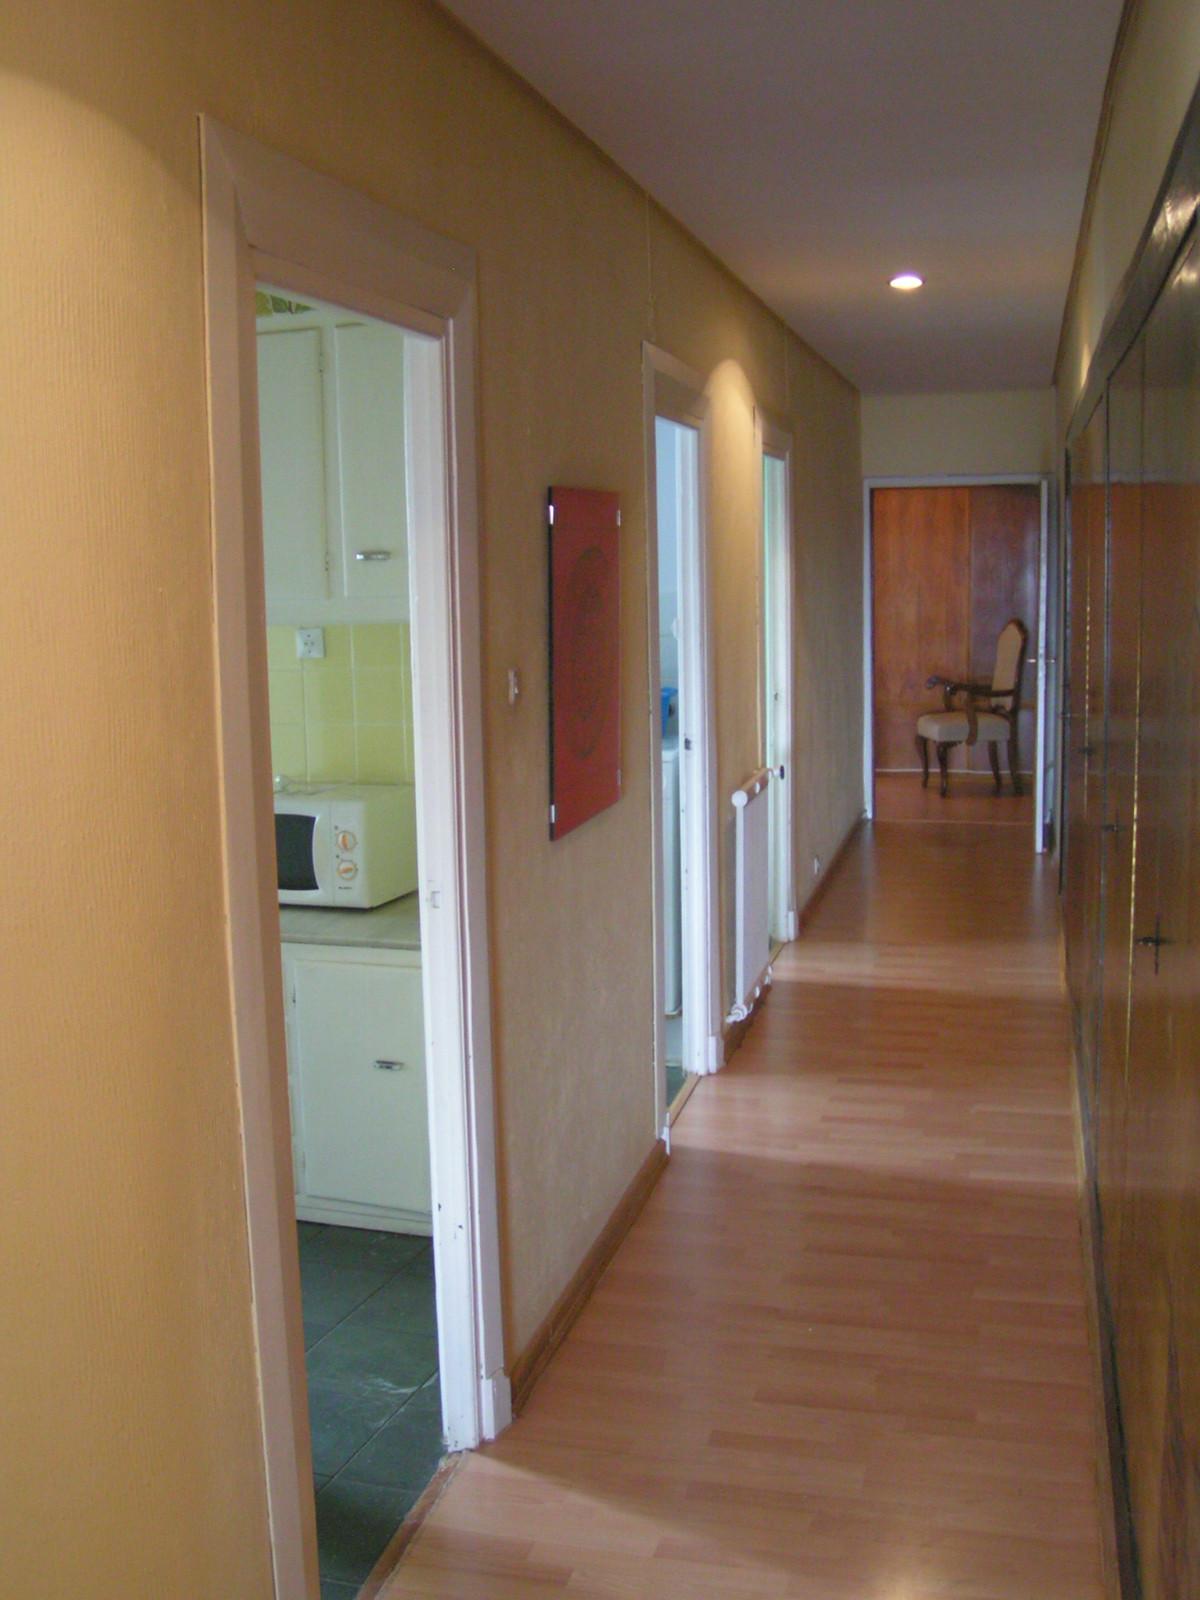 habitaciones-piso-compartido-centro-leon-8a8ae671efa059caecdbe97380663105